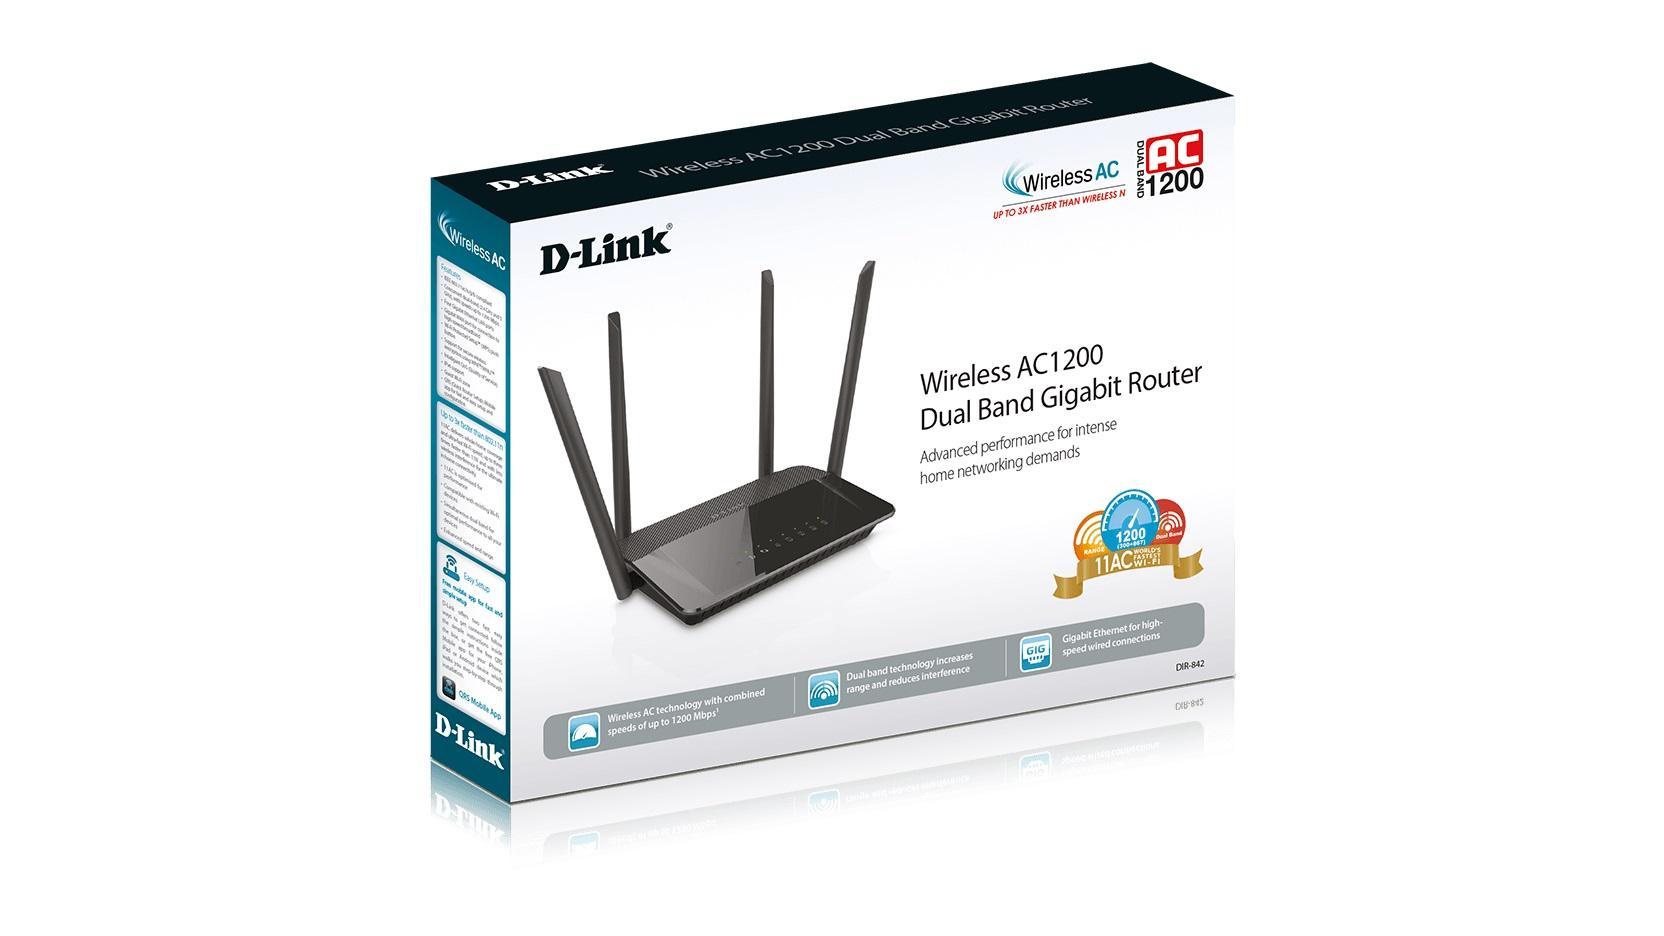 Безжичен рутер D-LINK DIR-842, Двубандов AC1200, 867Mbps, Gigabit